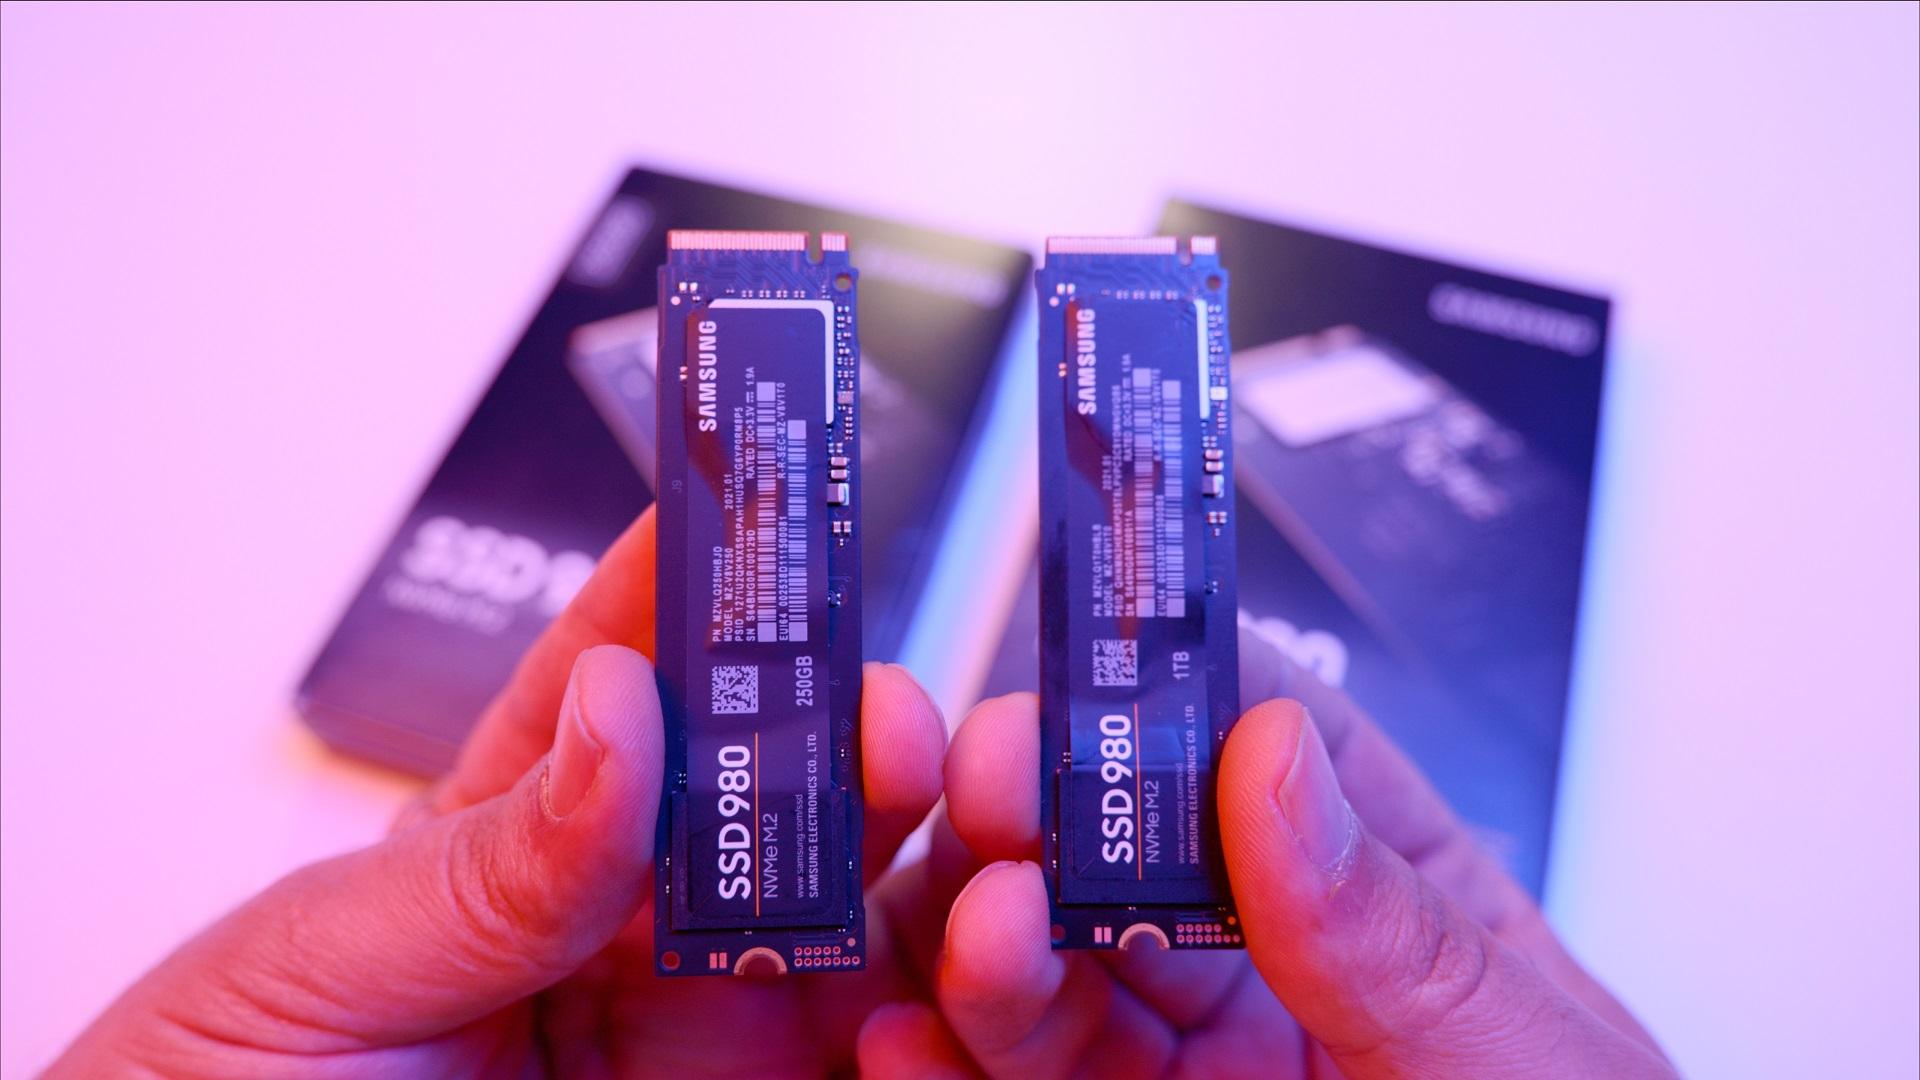 PC Toplama: NVMe SSD